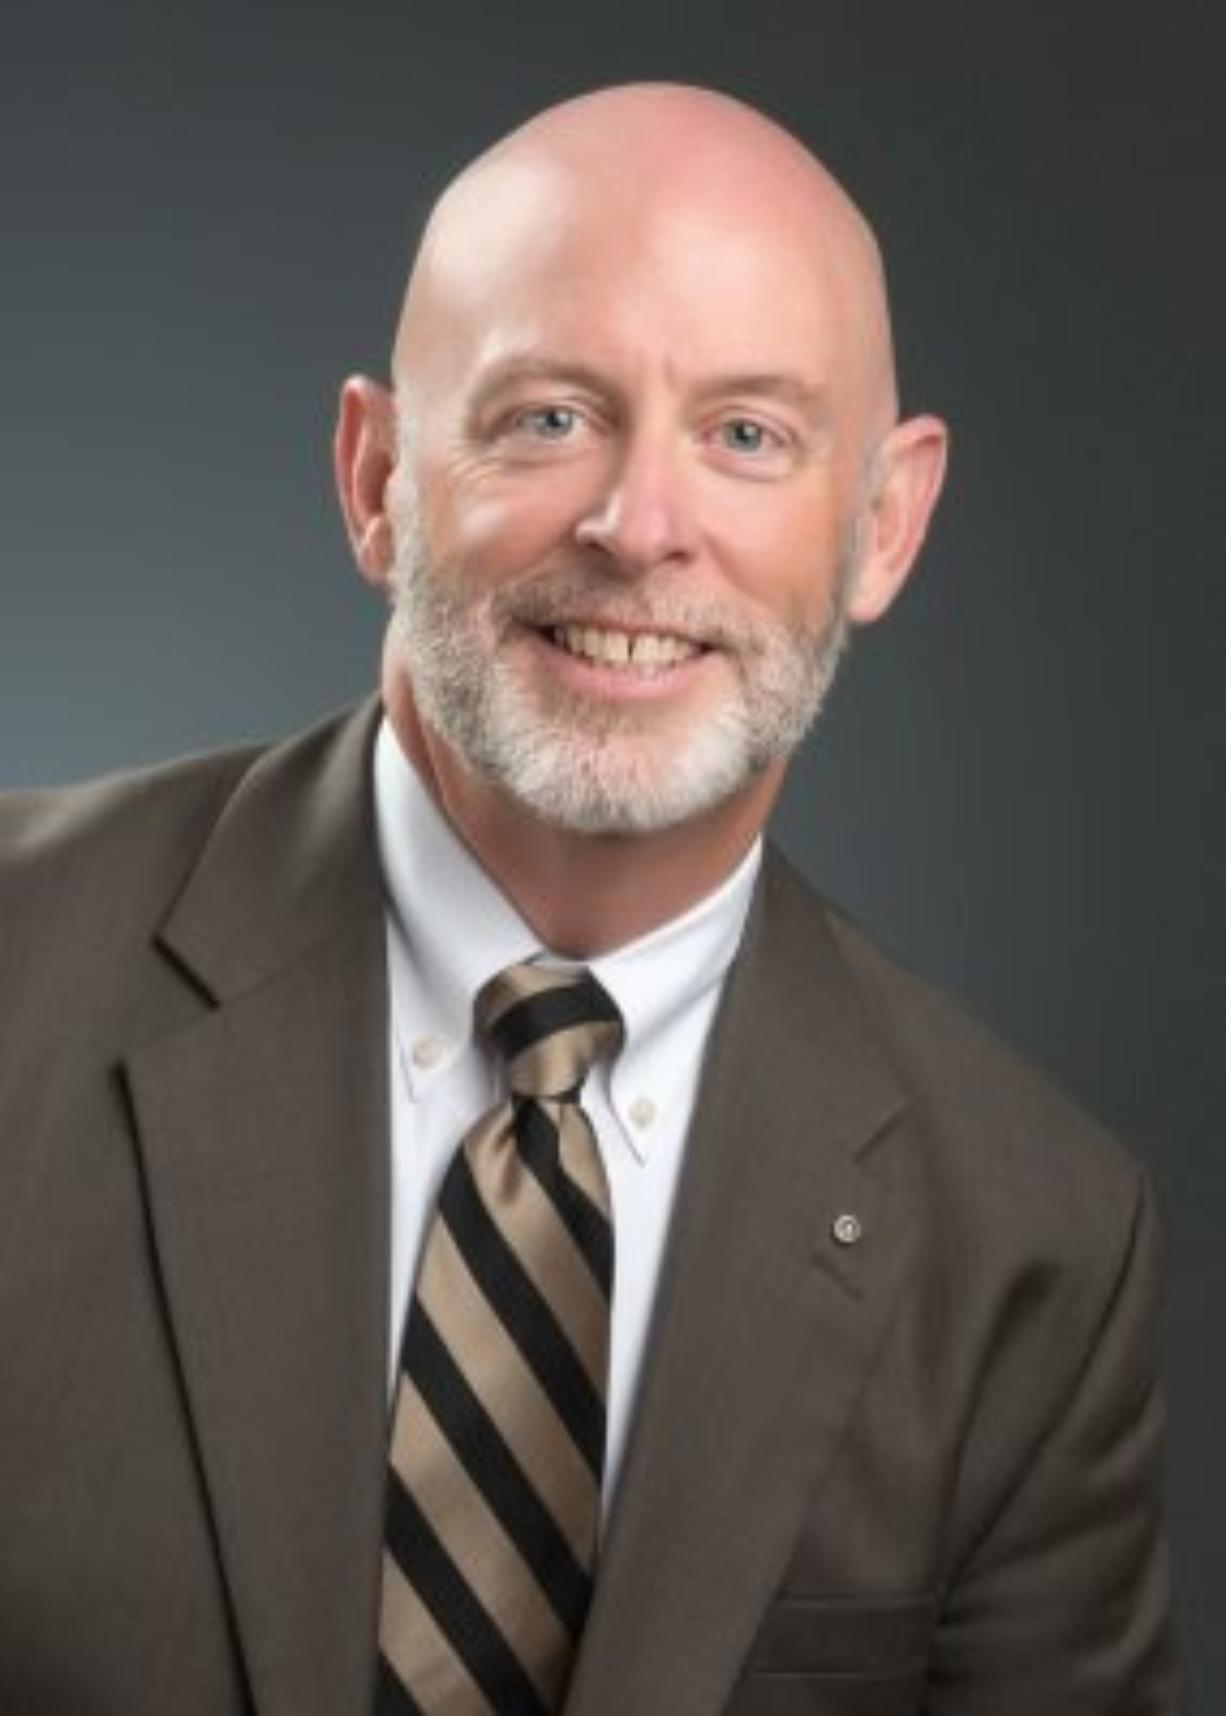 John McDonagh